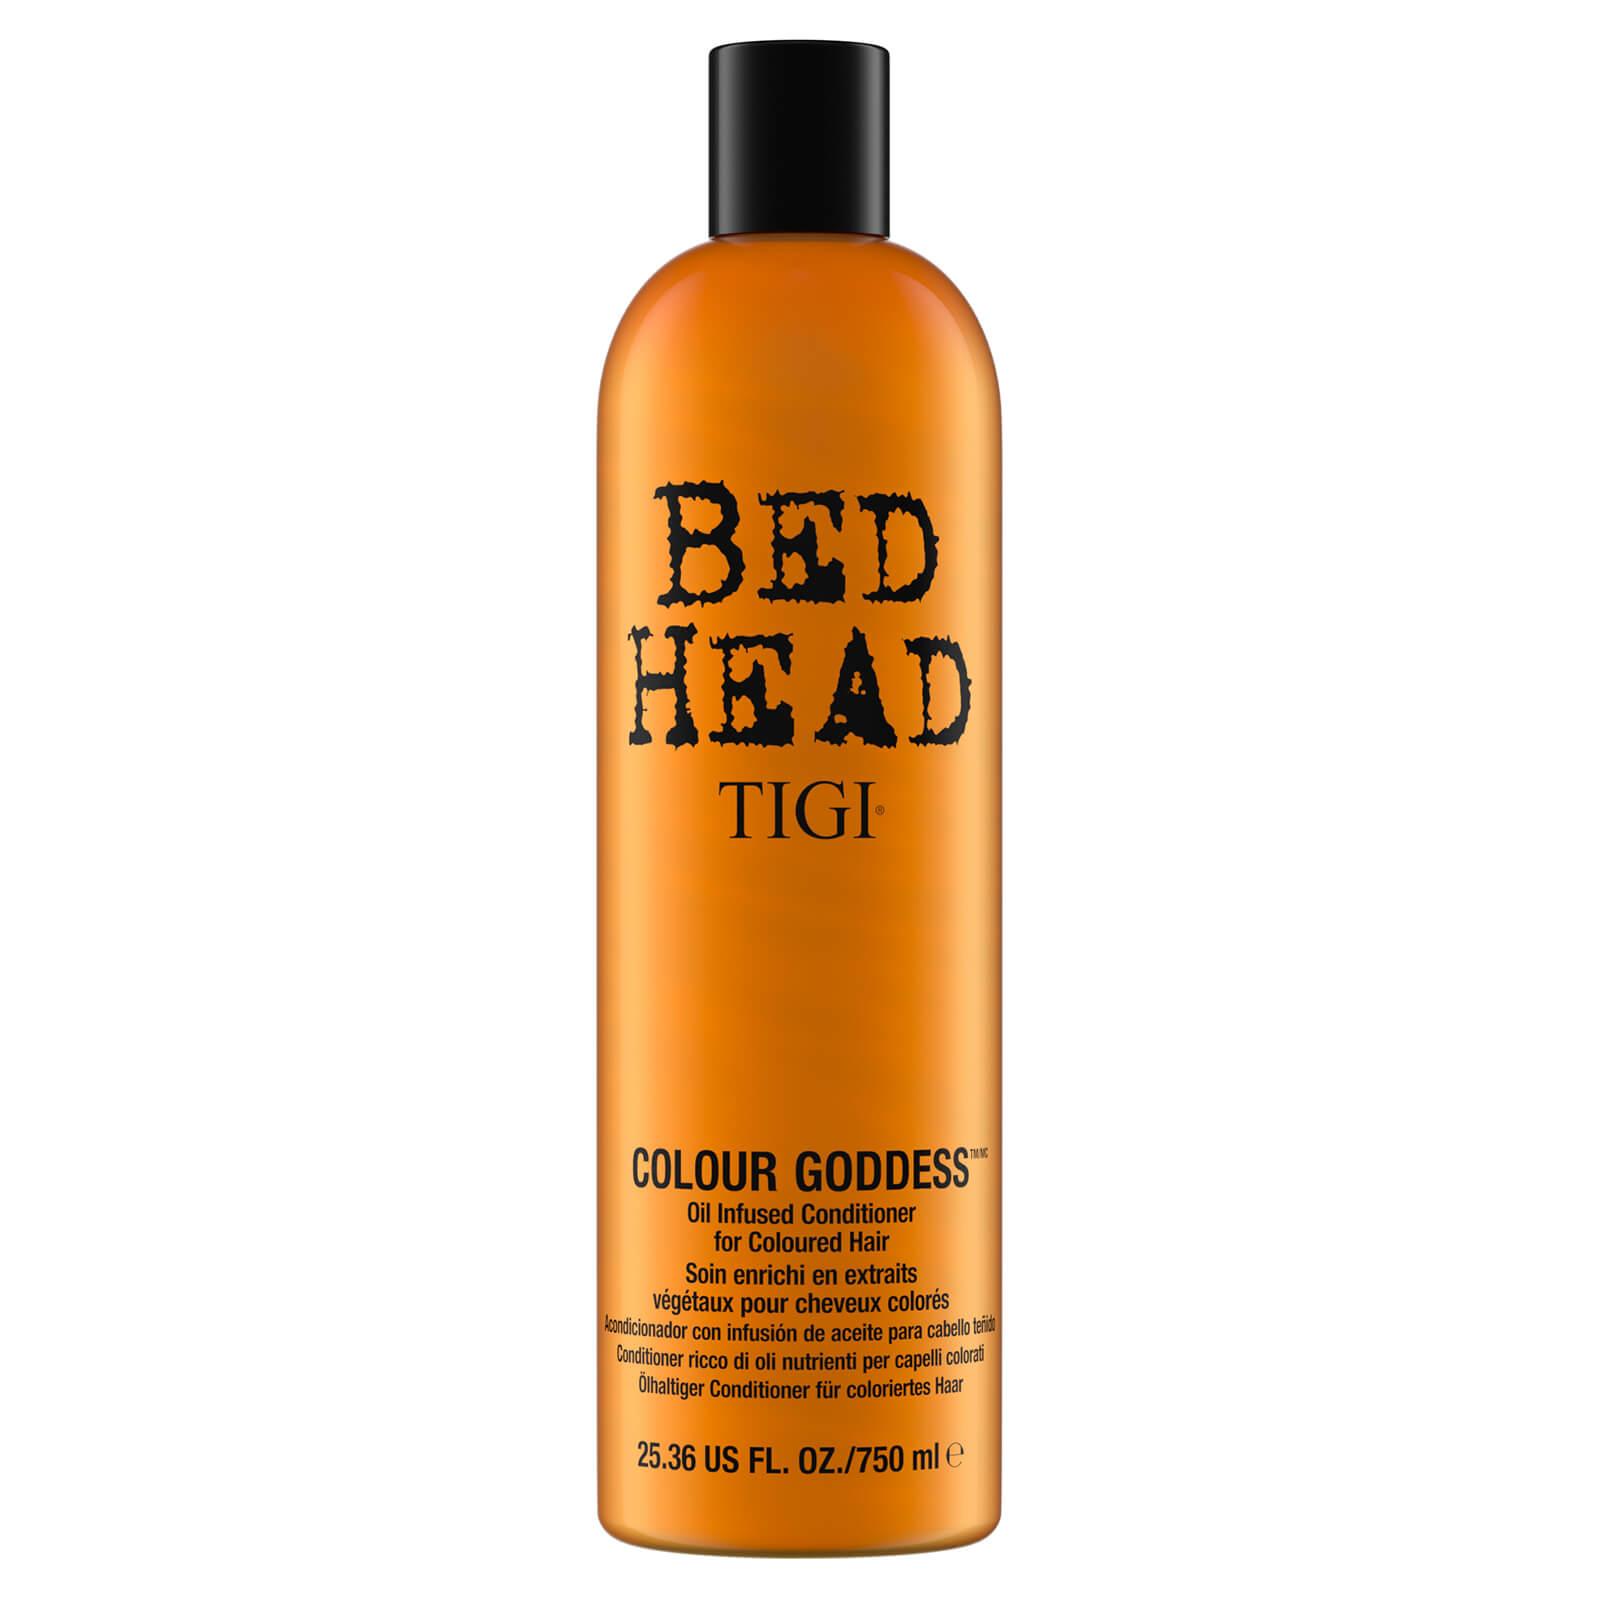 TIGI Après-shampooing enrichi en extraits végétaux pour cheveux colorés Colour Goddess TIGI Bed Head 750ml